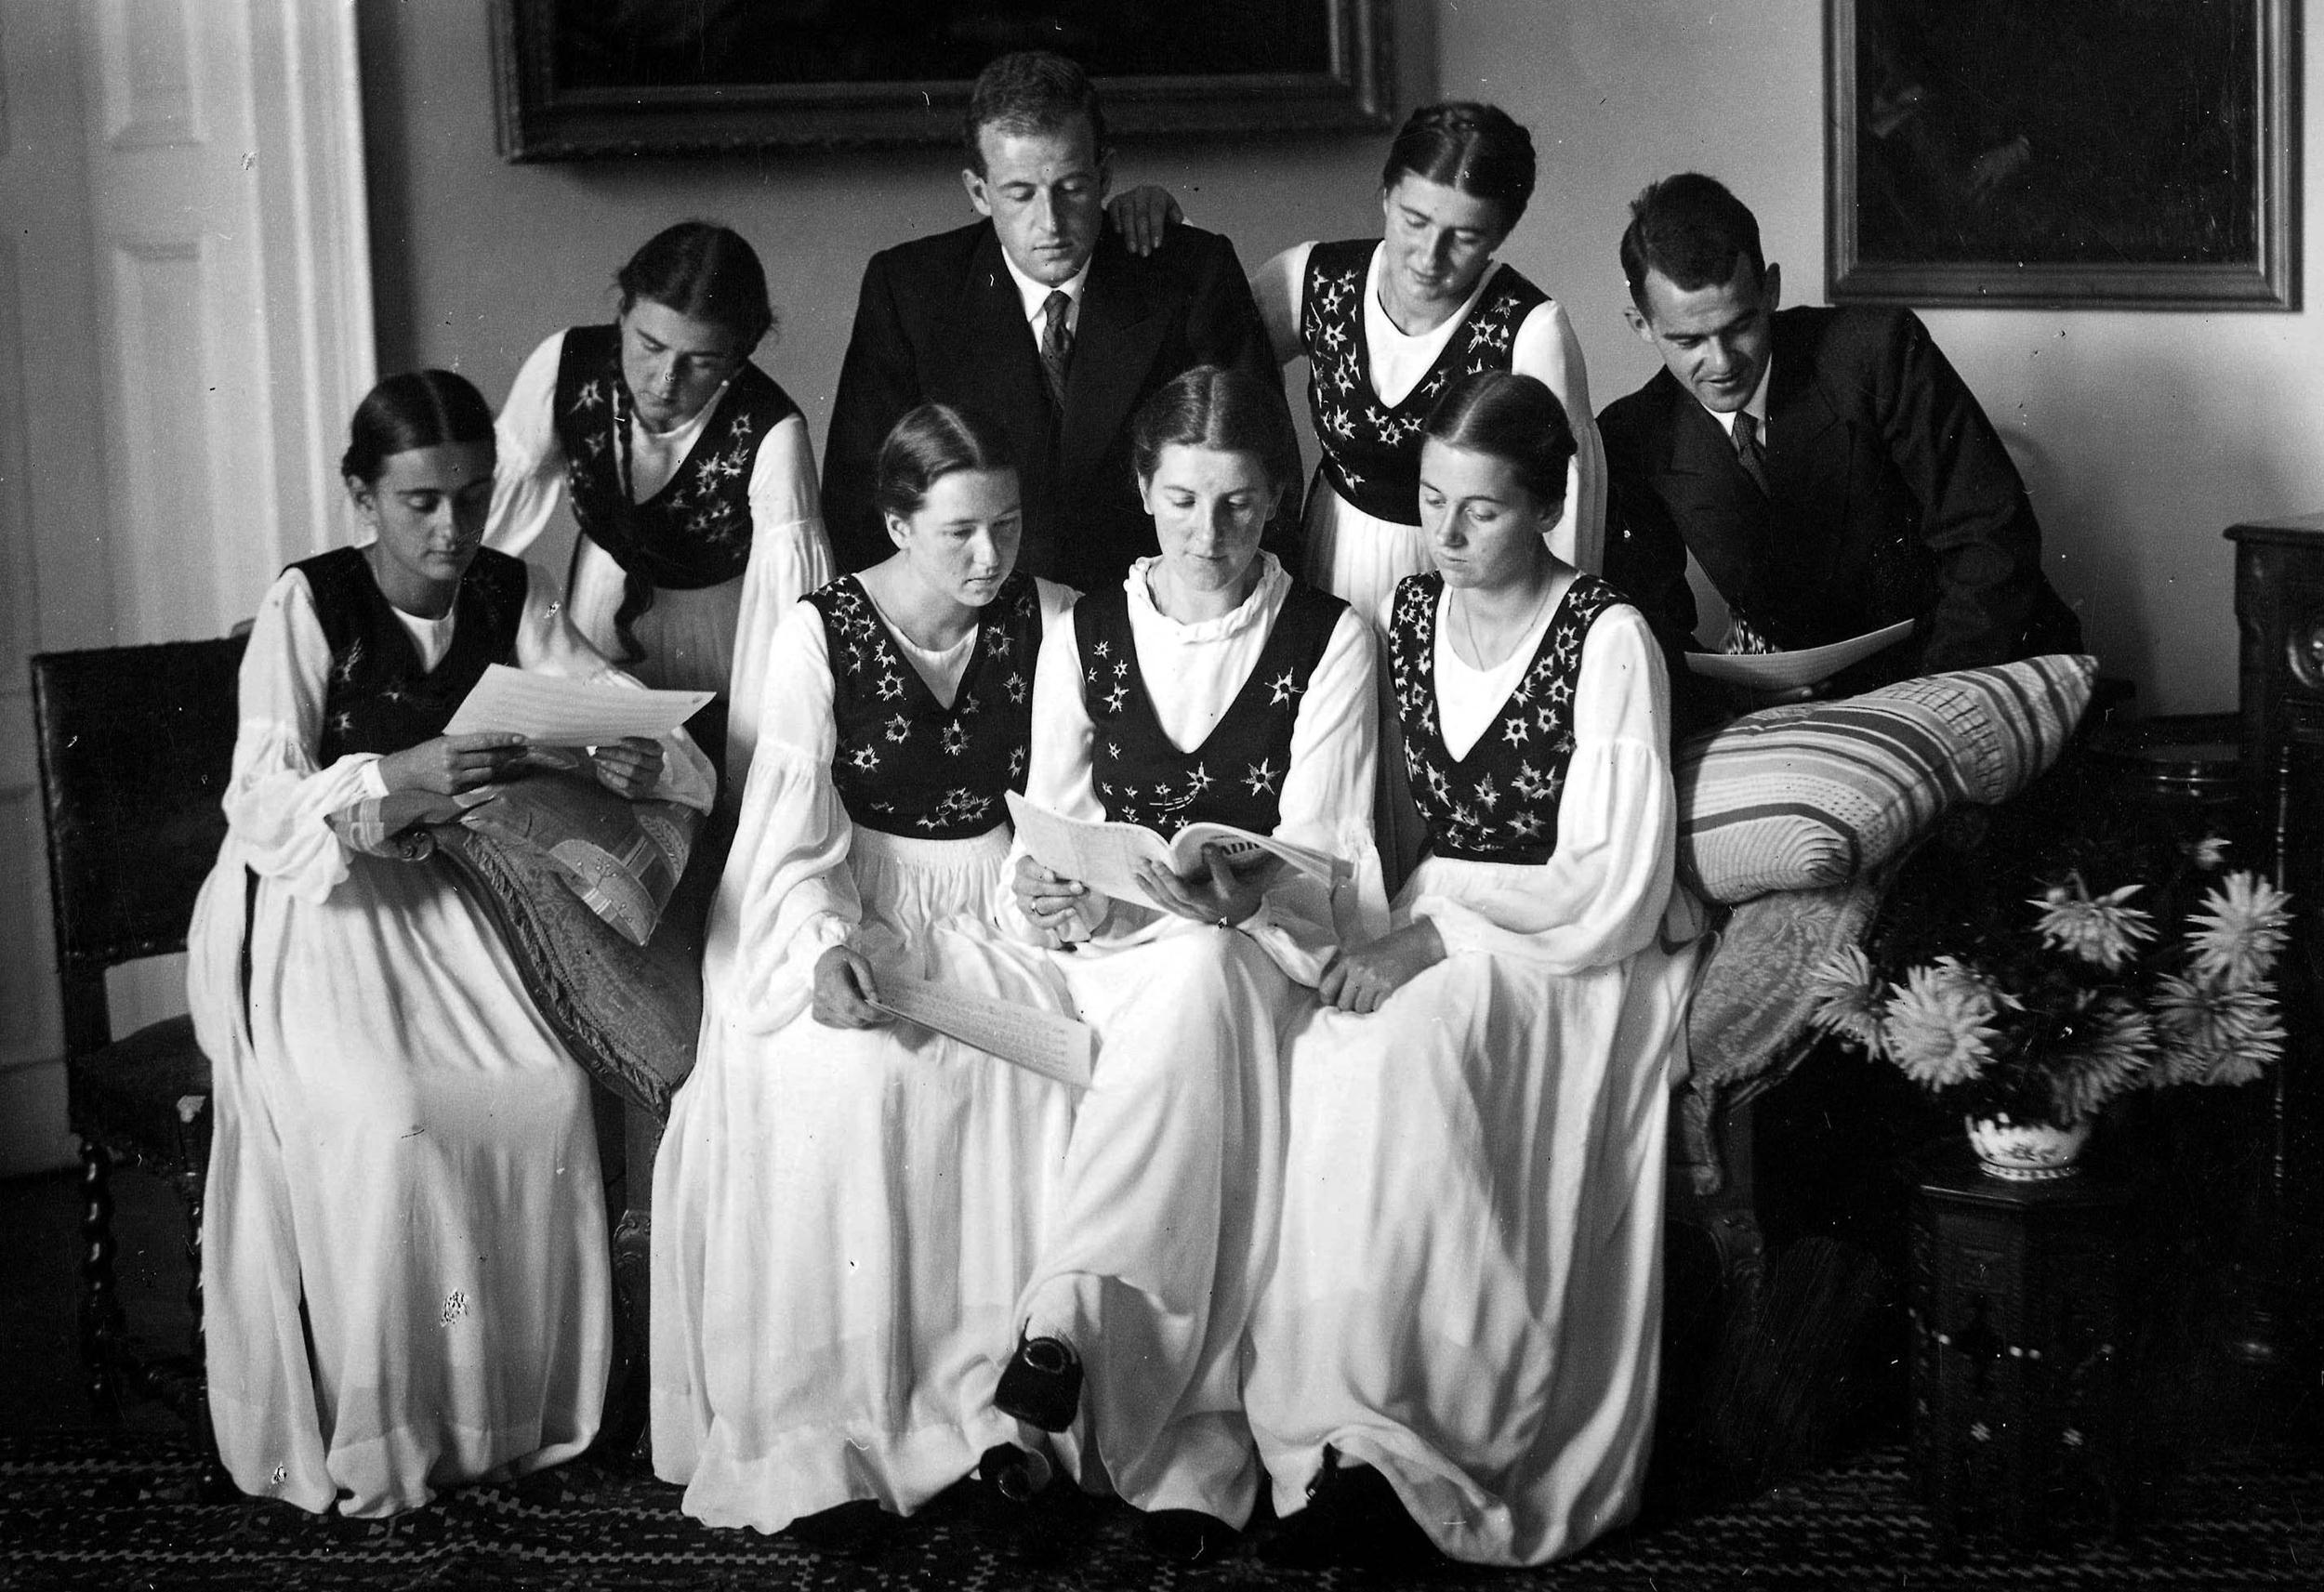 34 Best von Trapp Family images | Sound of Music, Singer ...